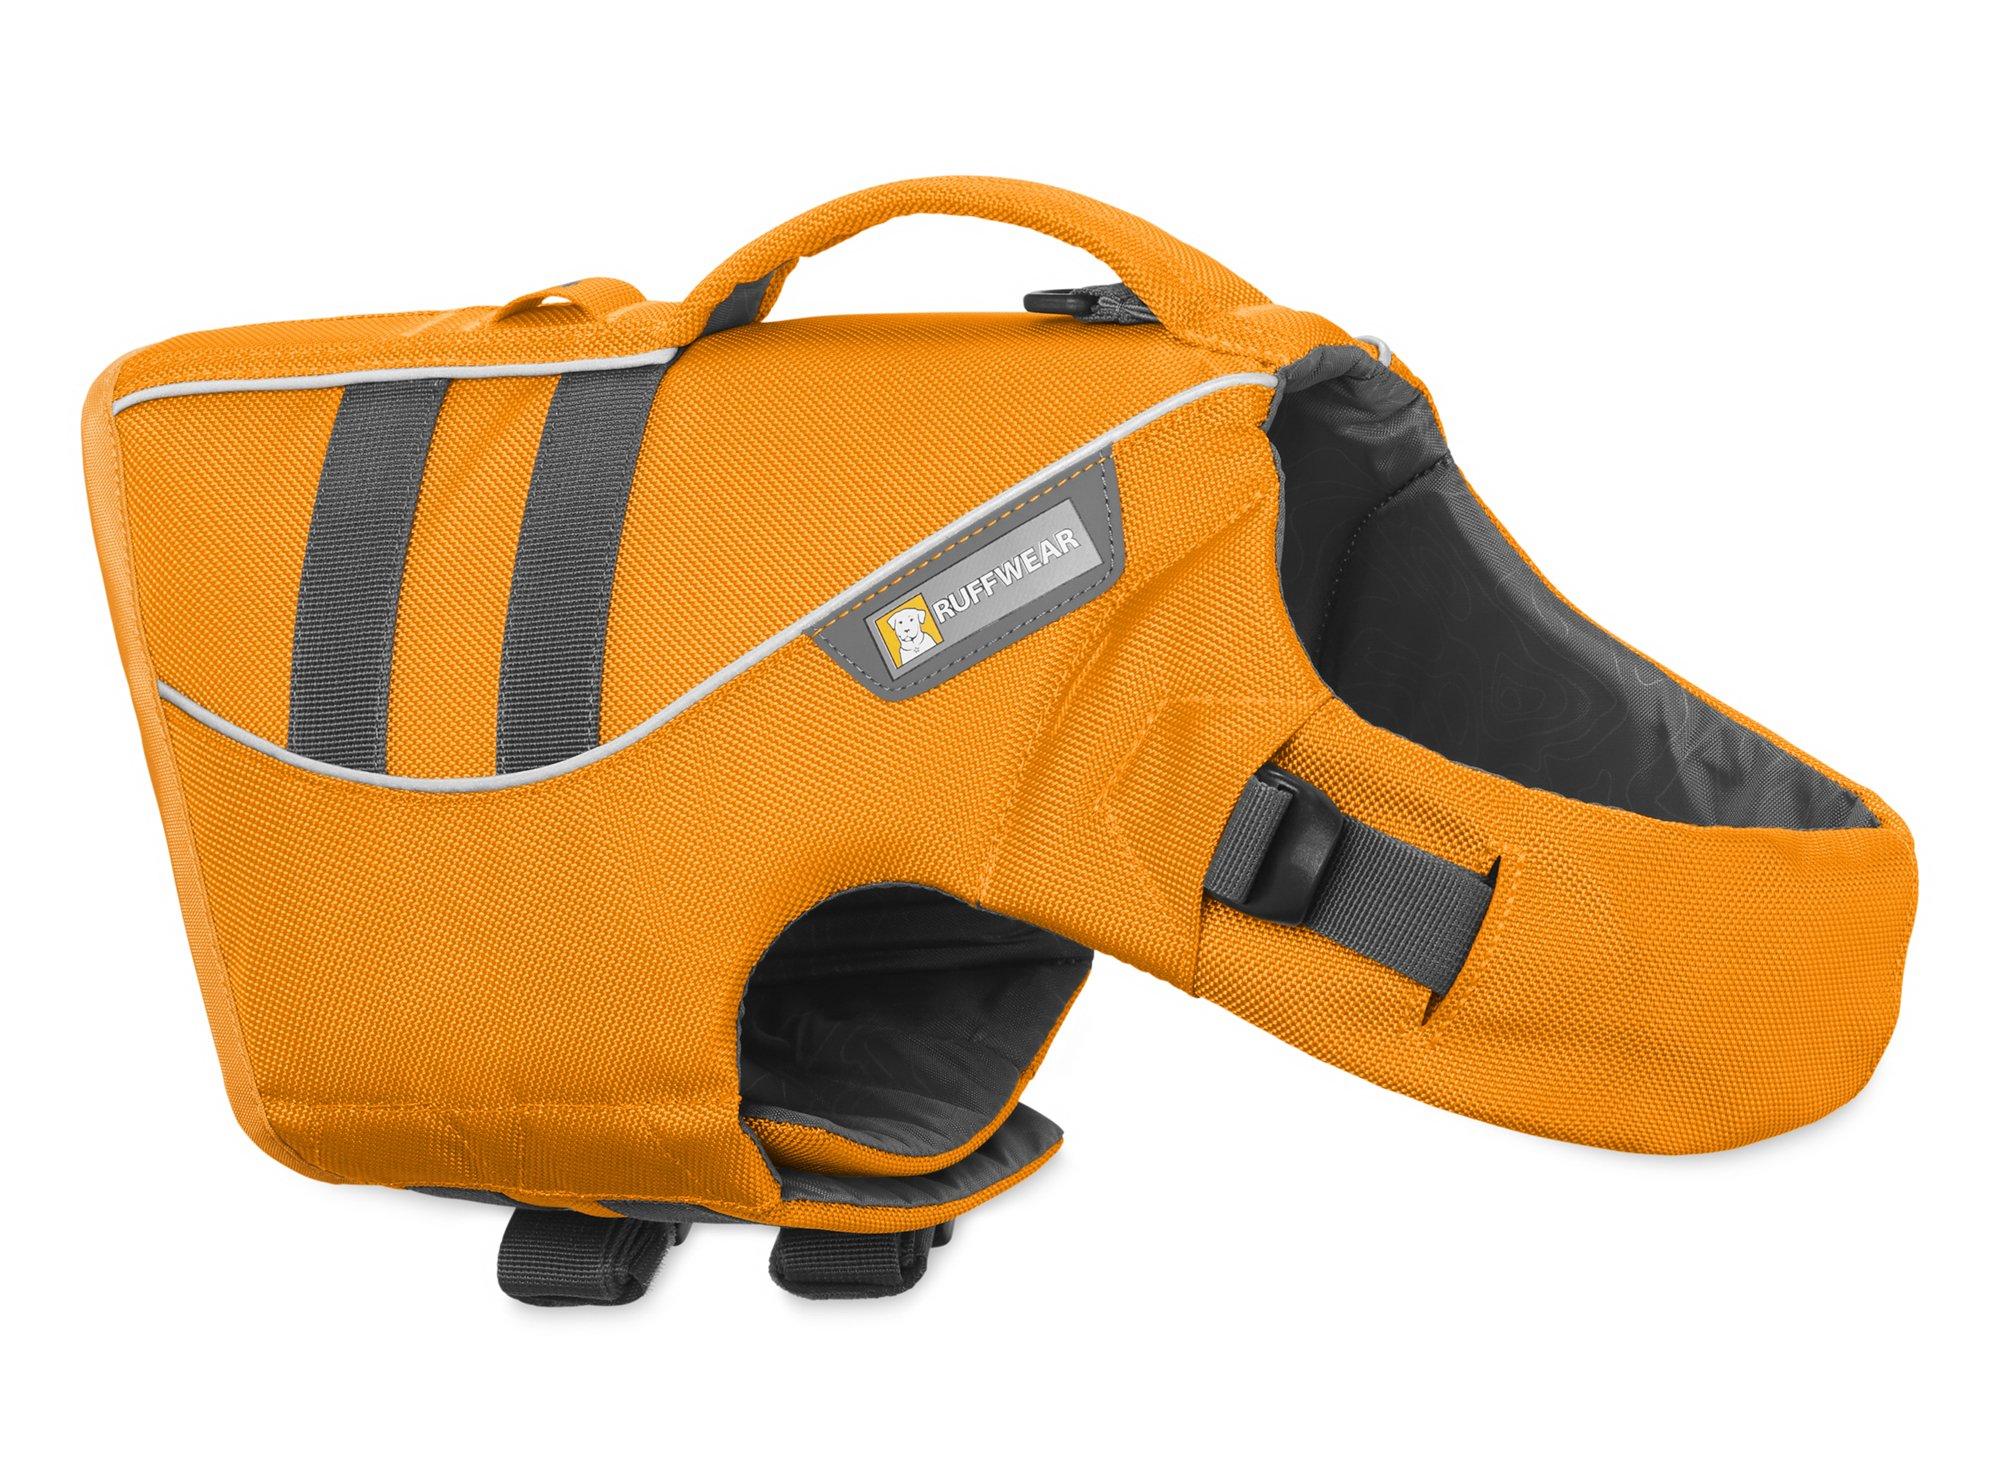 RUFFWEAR - Float Coat Life Jacket for Dogs, Wave Orange, Small by RUFFWEAR (Image #1)